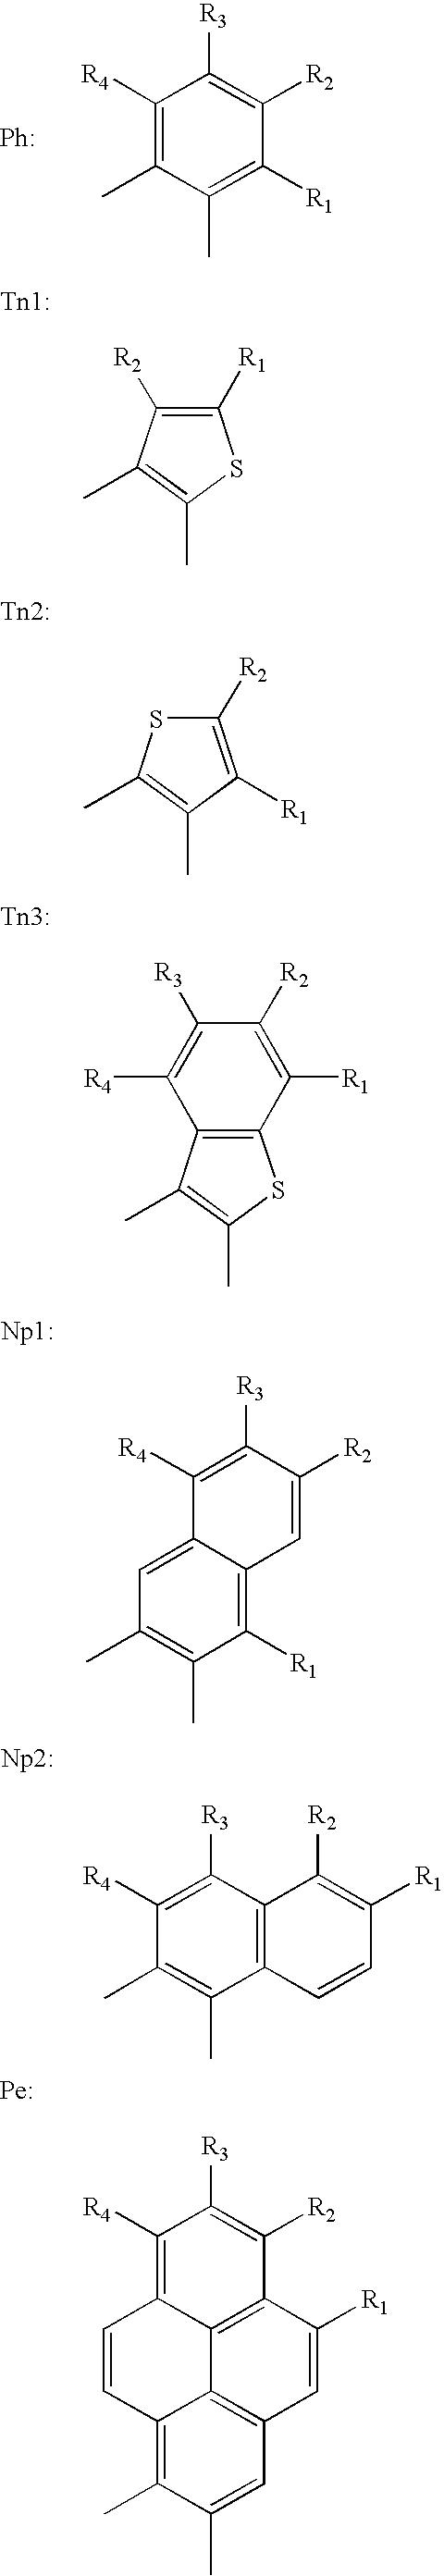 Figure US06953628-20051011-C00004